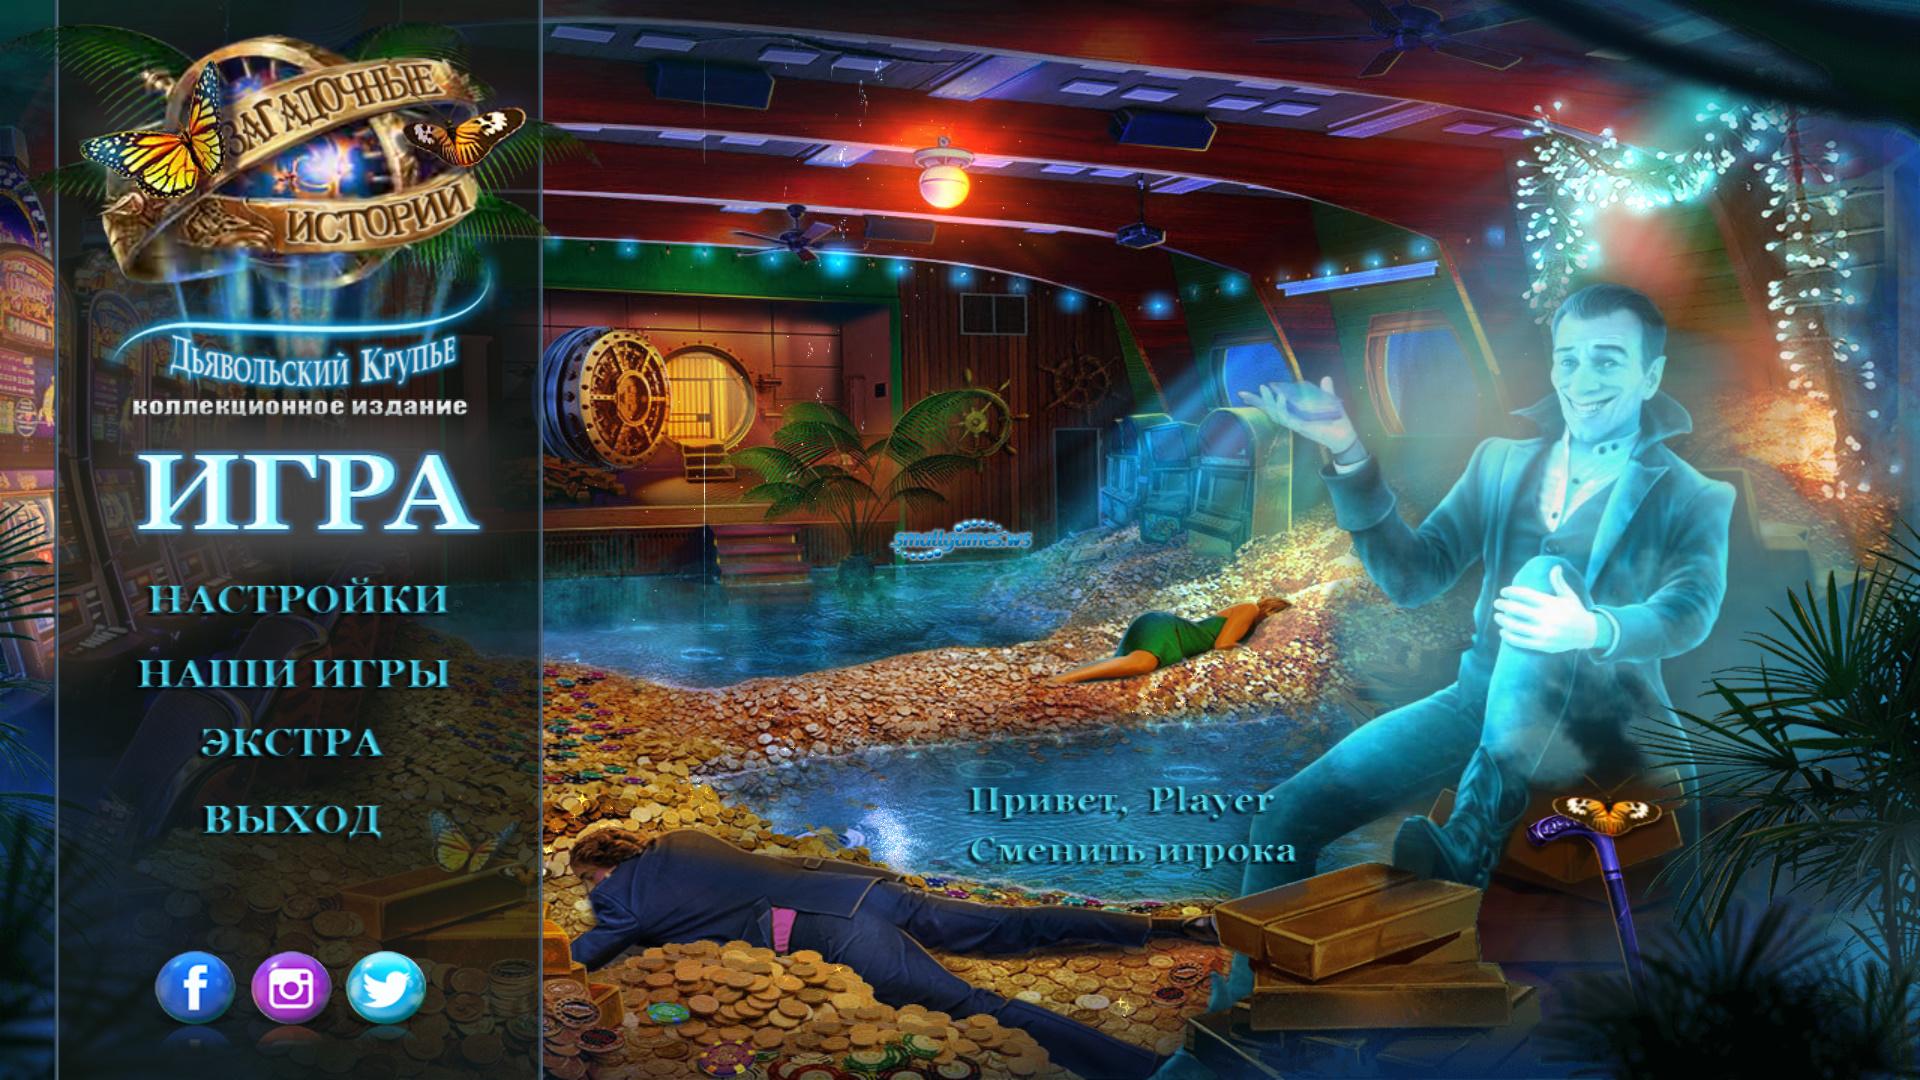 Игровые автоматы играть бесплатно пираты 2